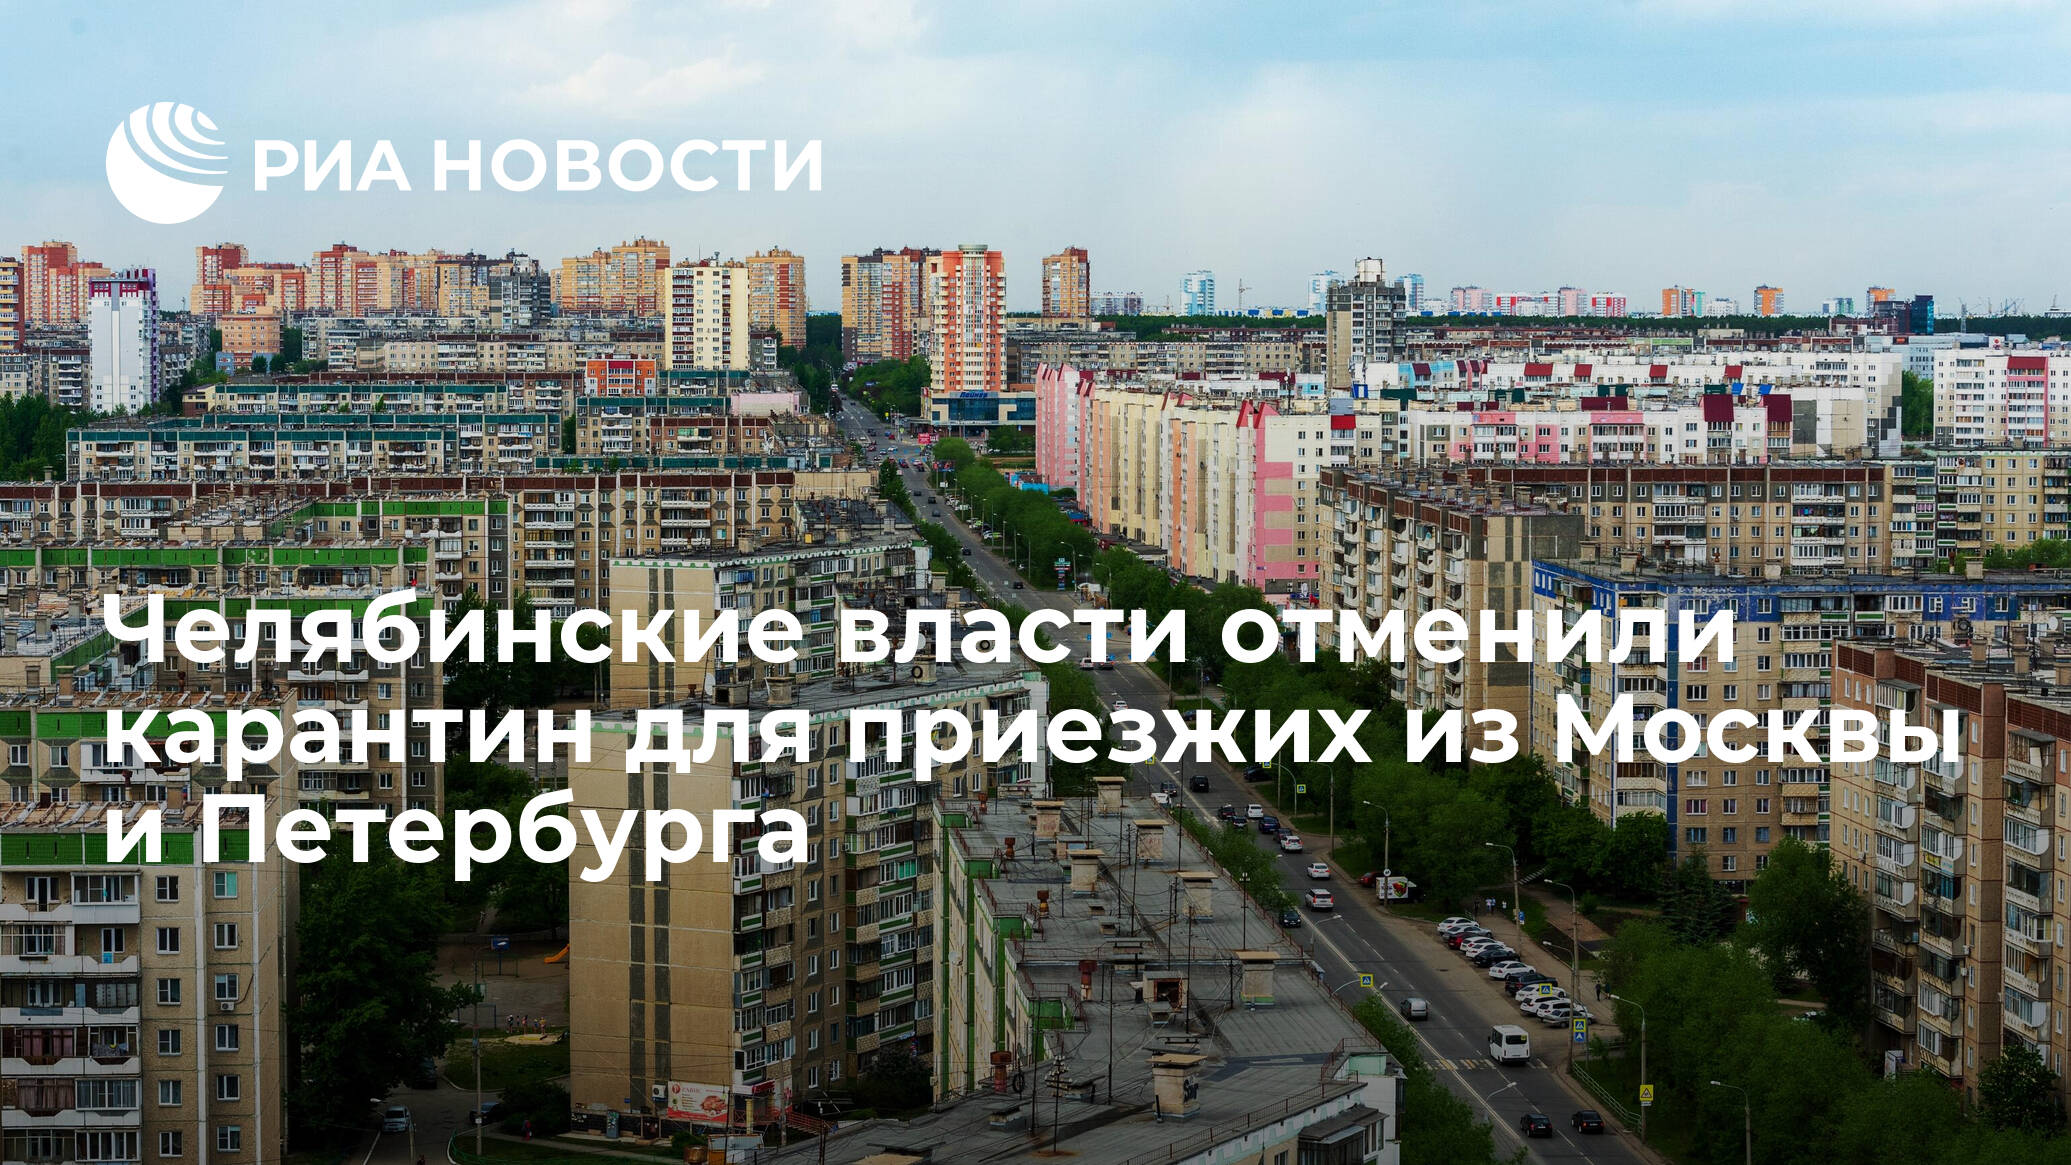 Челябинские власти отменили карантин для приезжих из Москвы и Петербурга